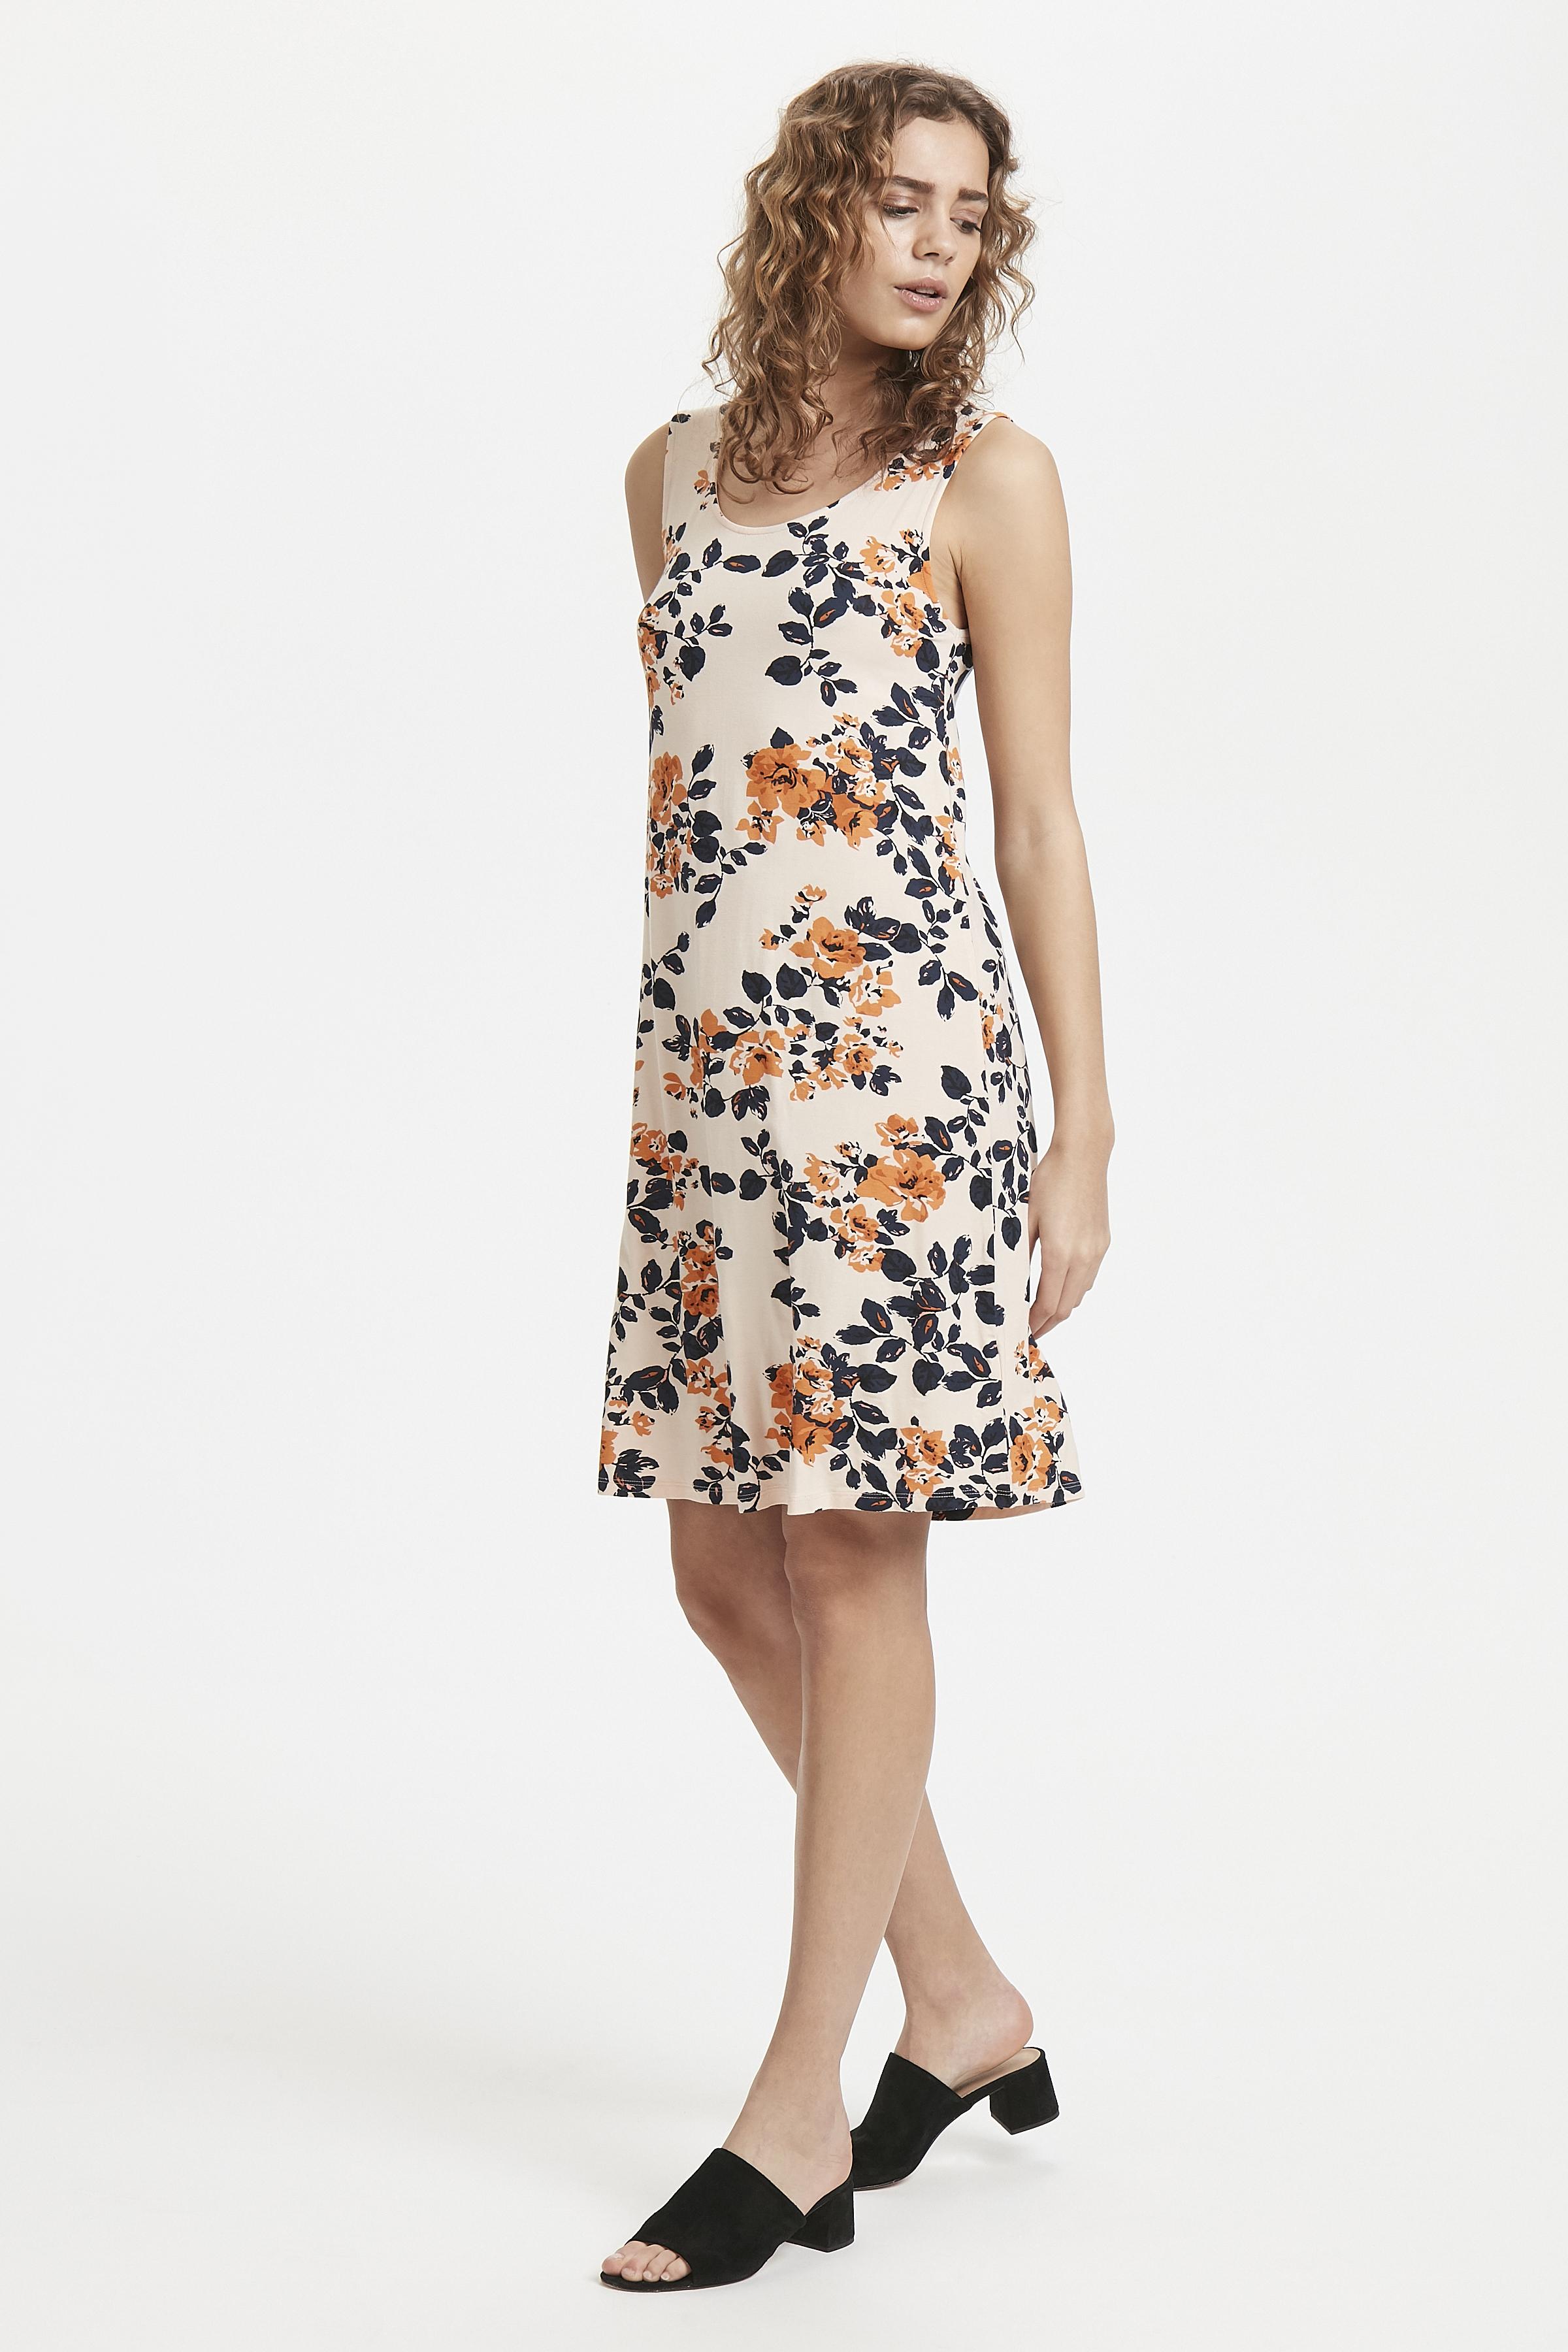 Bisque Jerseykjole – Køb Bisque Jerseykjole fra str. XS-XL her